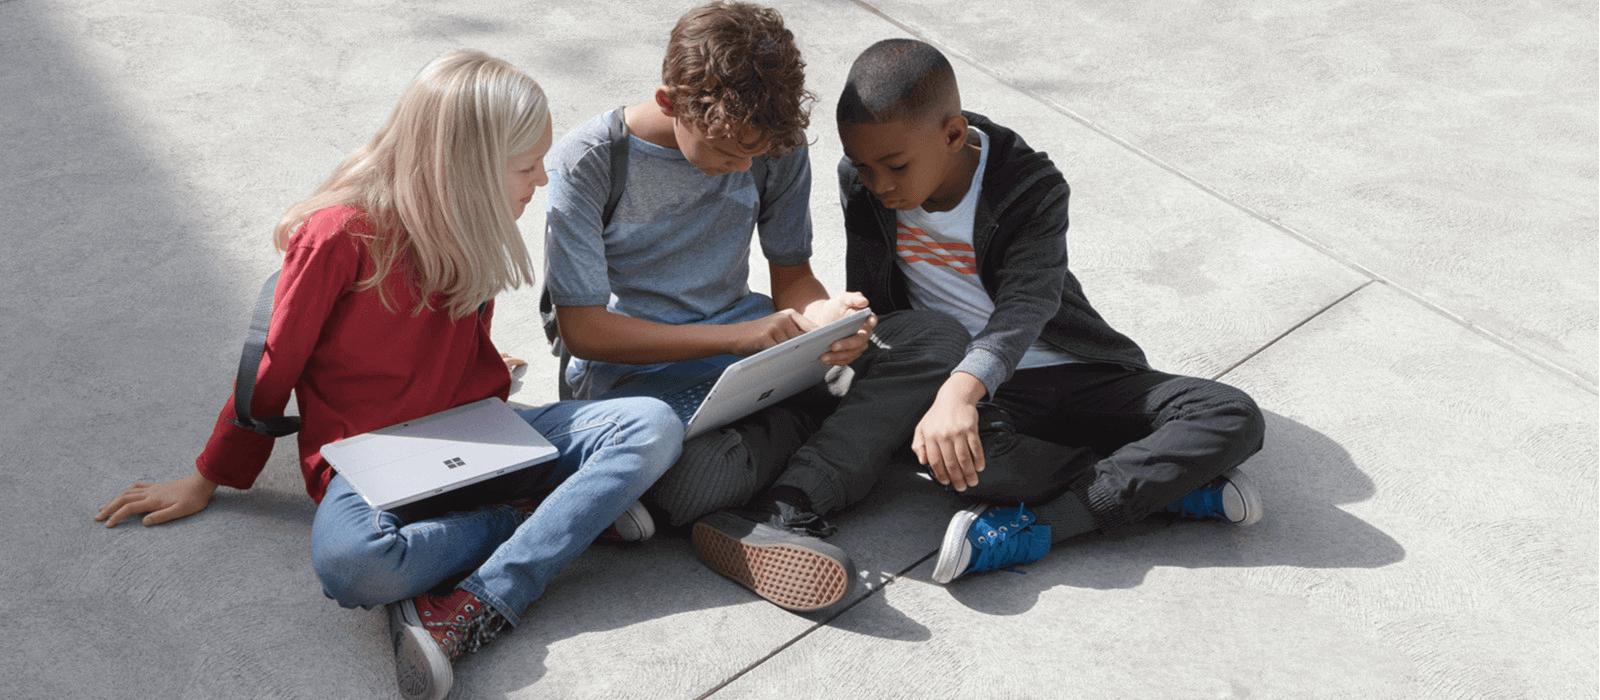 Drei Kinder sitzen auf dem Schulhof und schauen gemeinsam auf den Bildschirm eines Surface Go